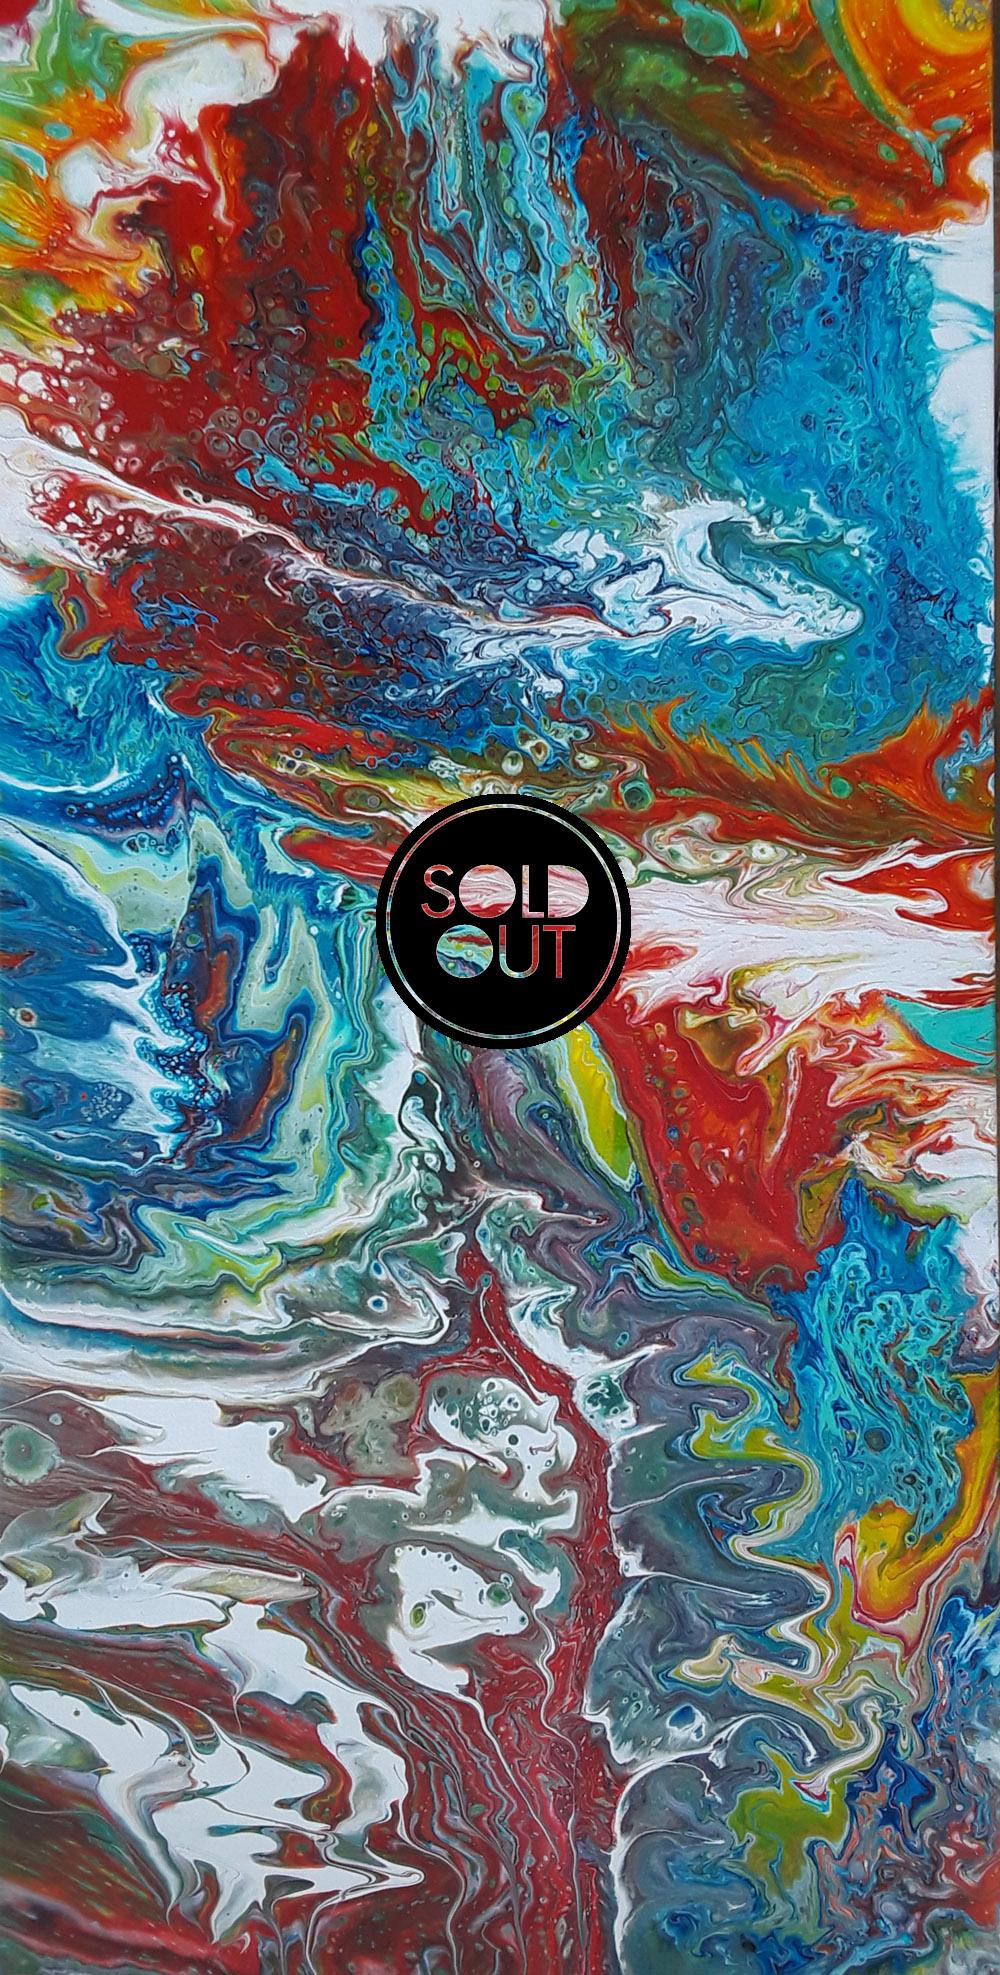 71 Mayra Free | Pintura Acrílica Fluida, Abstracta Y Conceptual